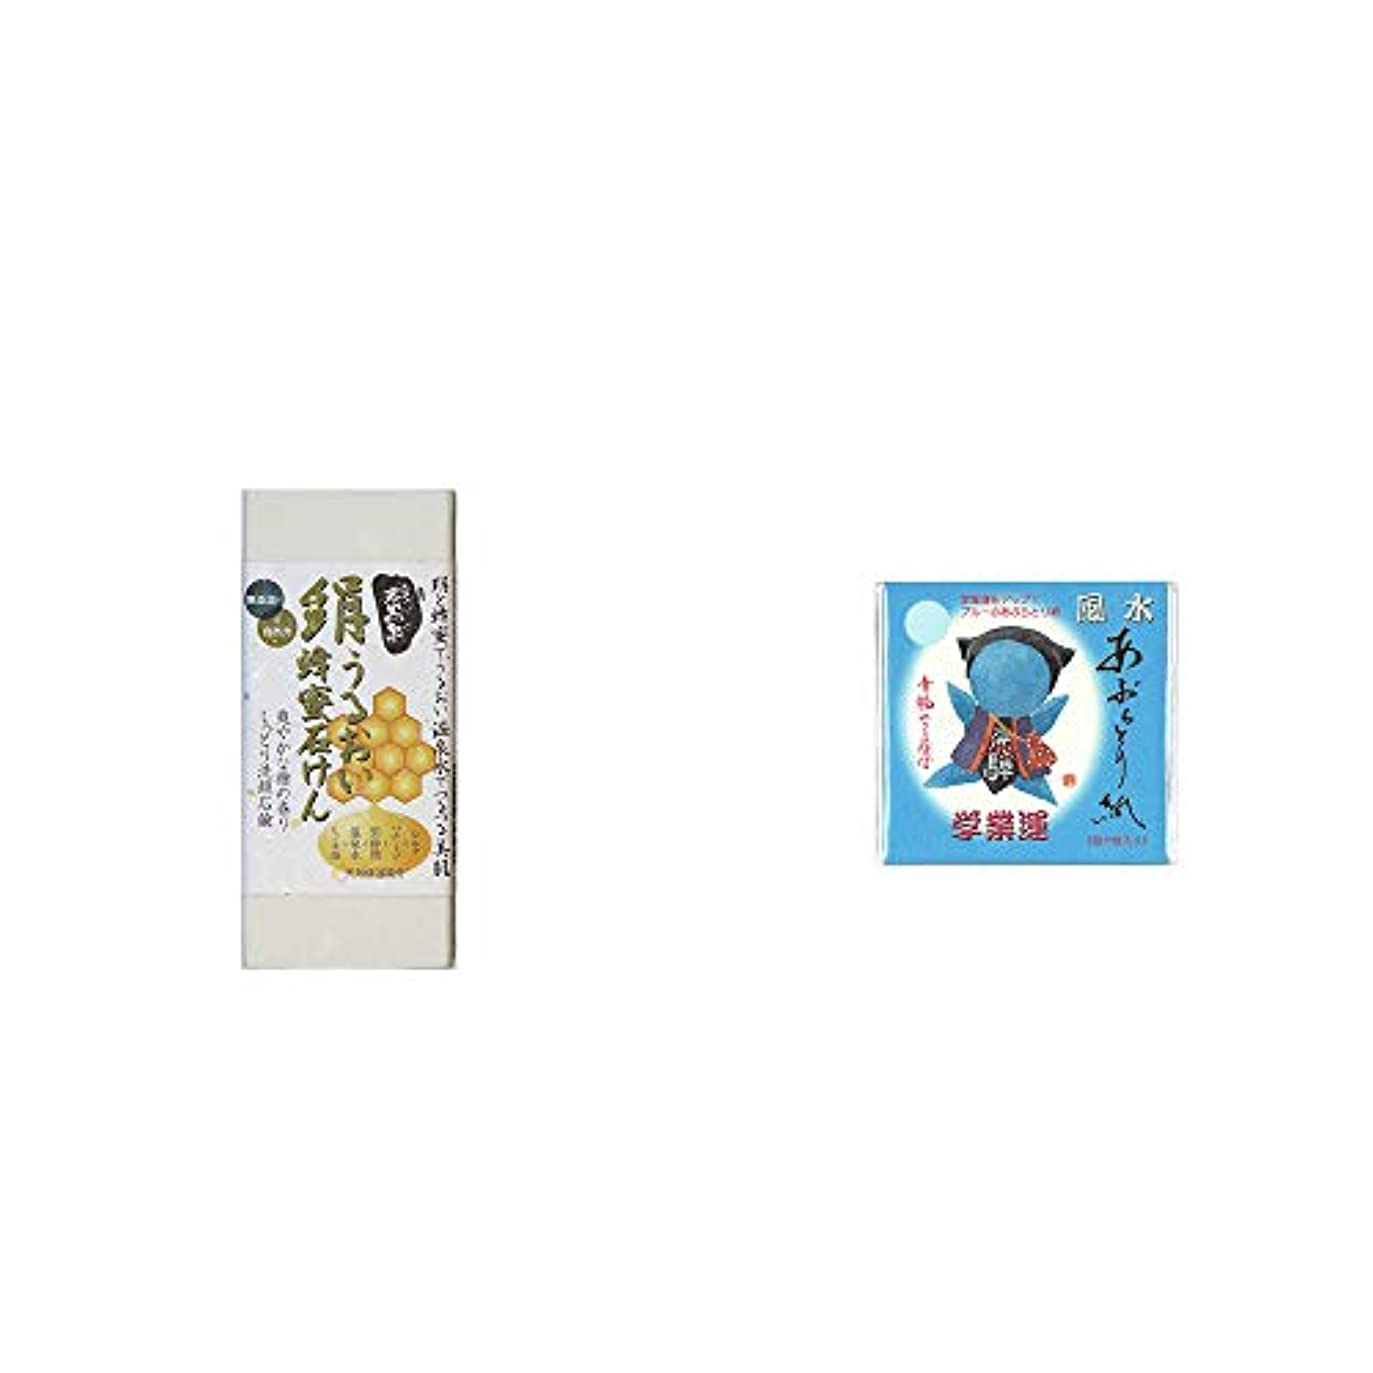 止まる筋流産[2点セット] ひのき炭黒泉 絹うるおい蜂蜜石けん(75g×2)?さるぼぼ 風水あぶらとり紙【ブルー】